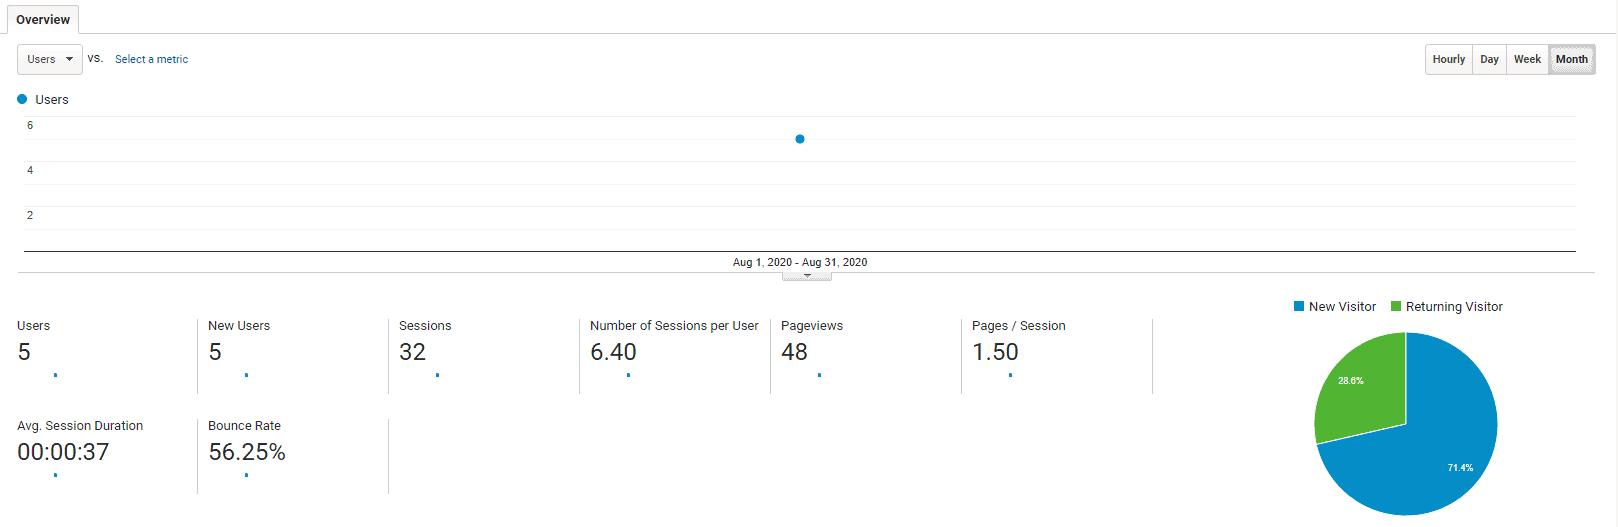 Google Analytics for Niche Site Month 2